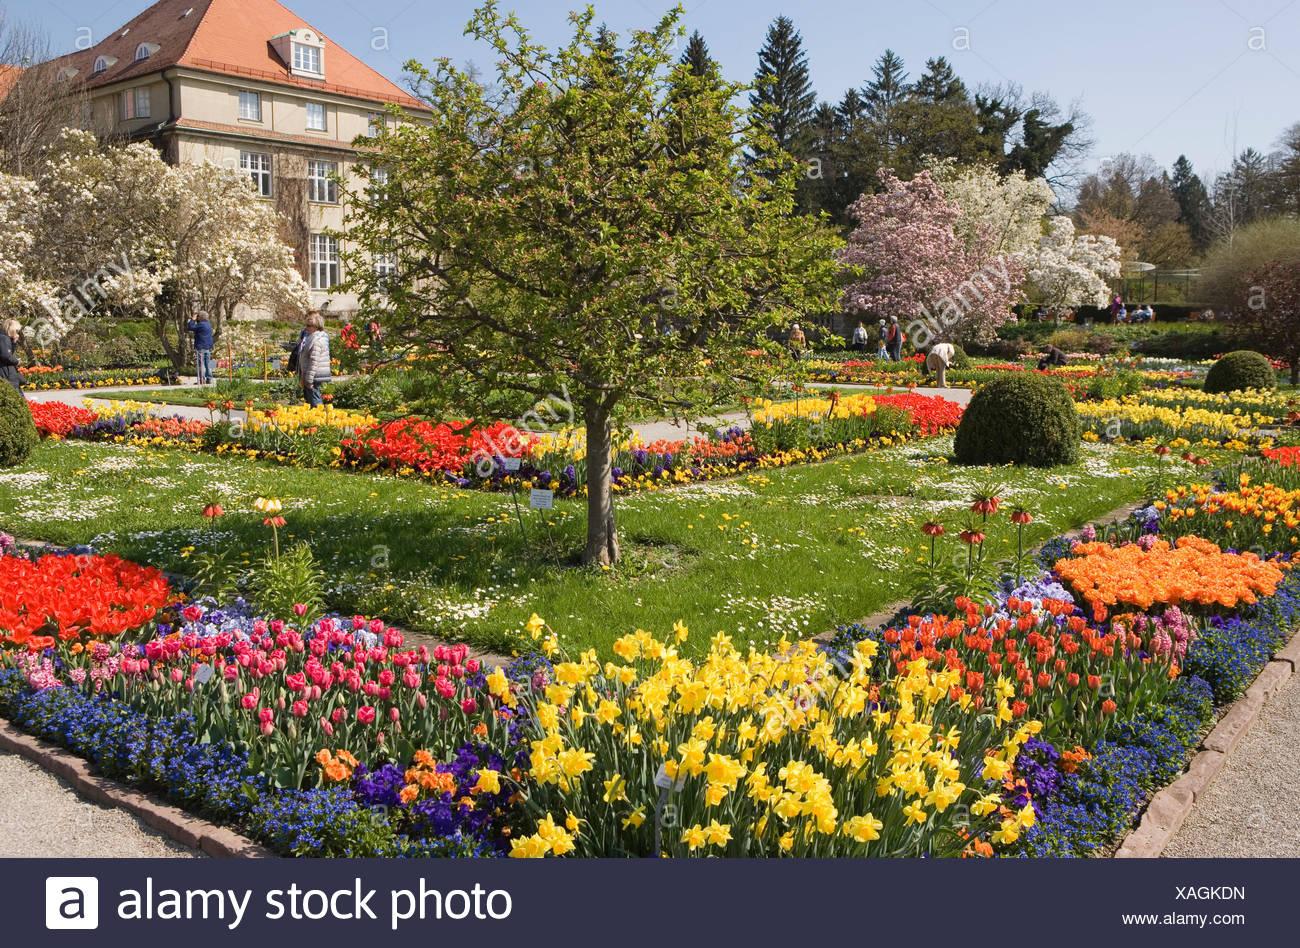 Botanischer Garten München Nymphenburg Botanischer Garten Ca 16